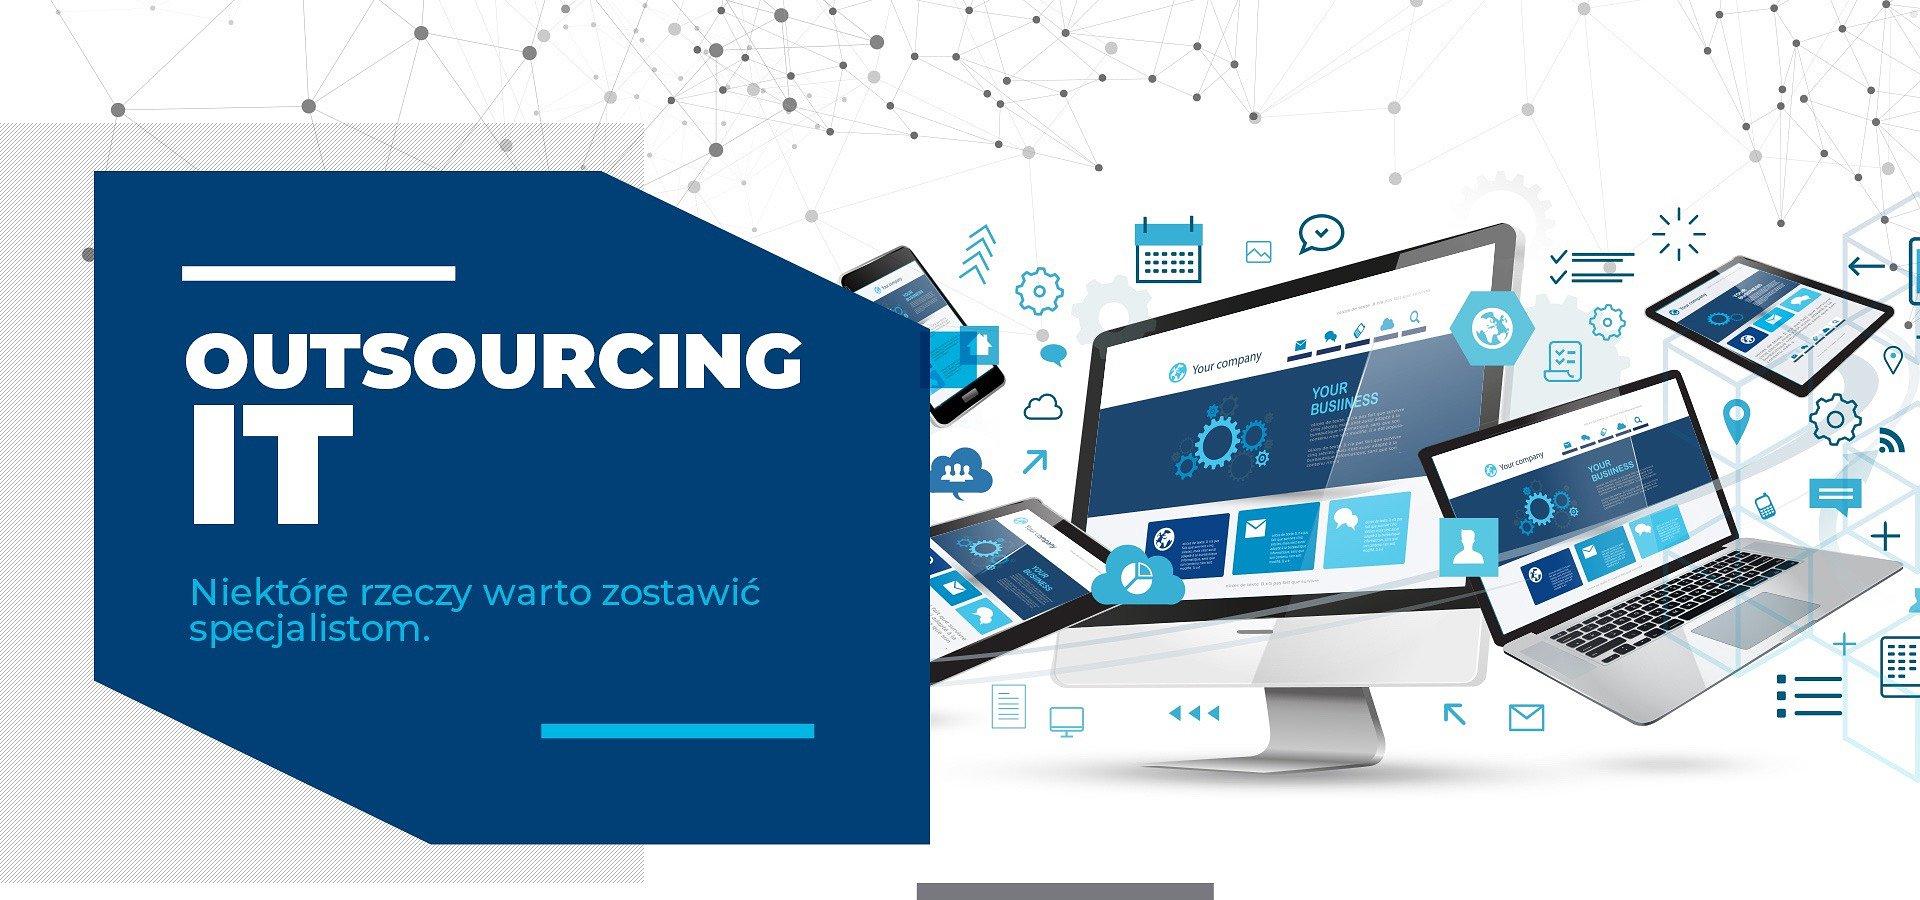 Outsourcing jako element biznesowy firmy